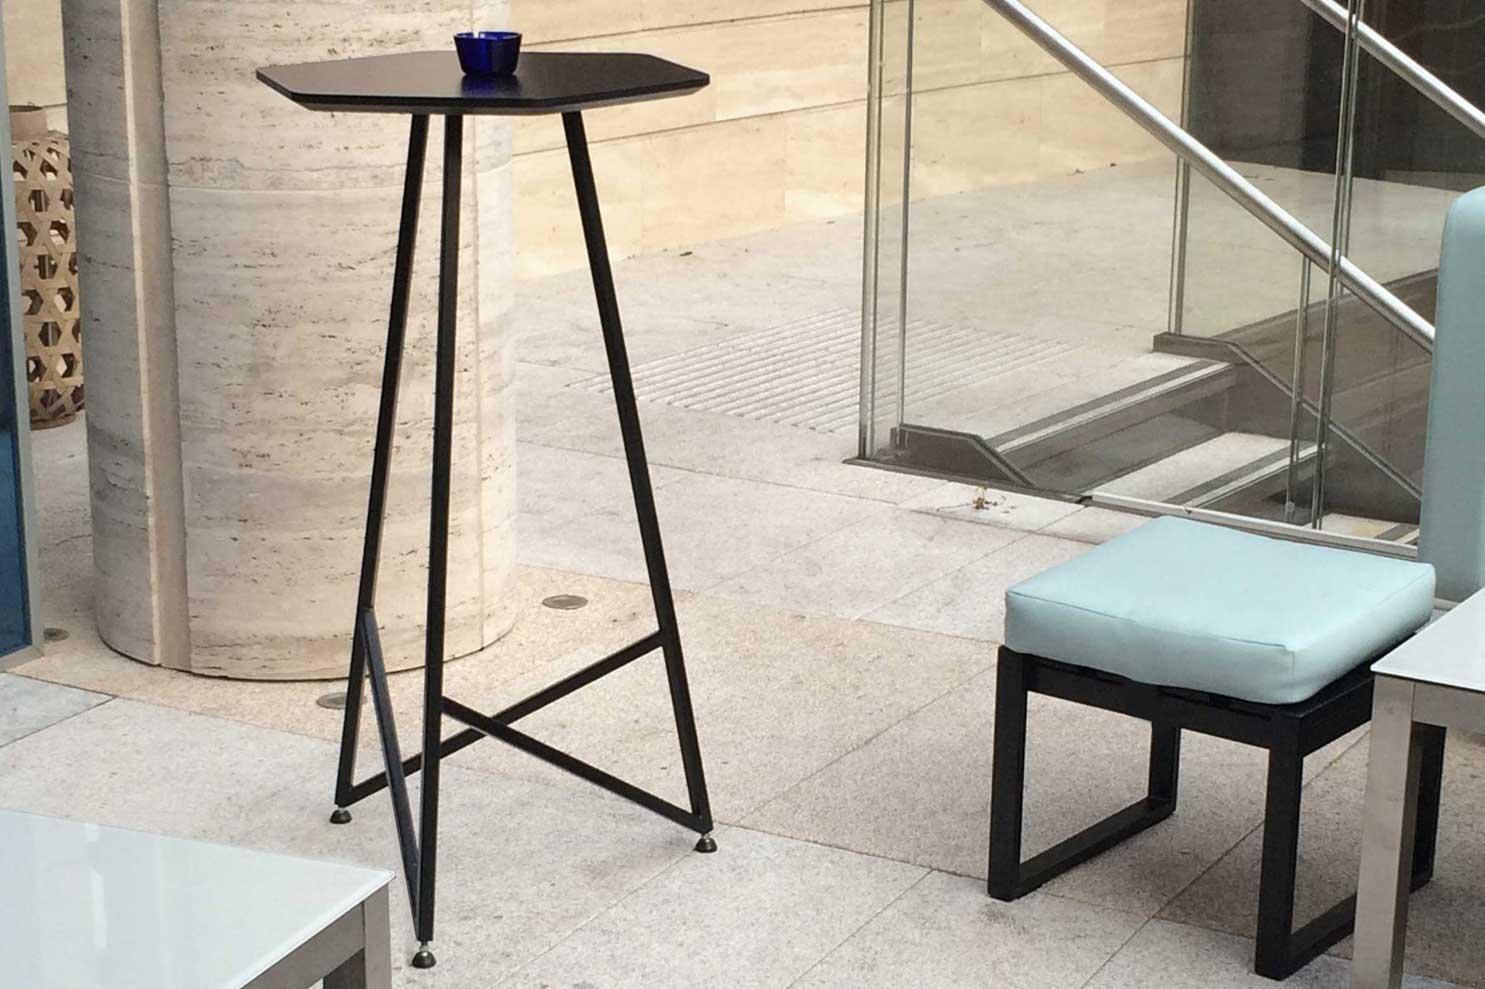 Niche-HexTable-Table-TulettDesign